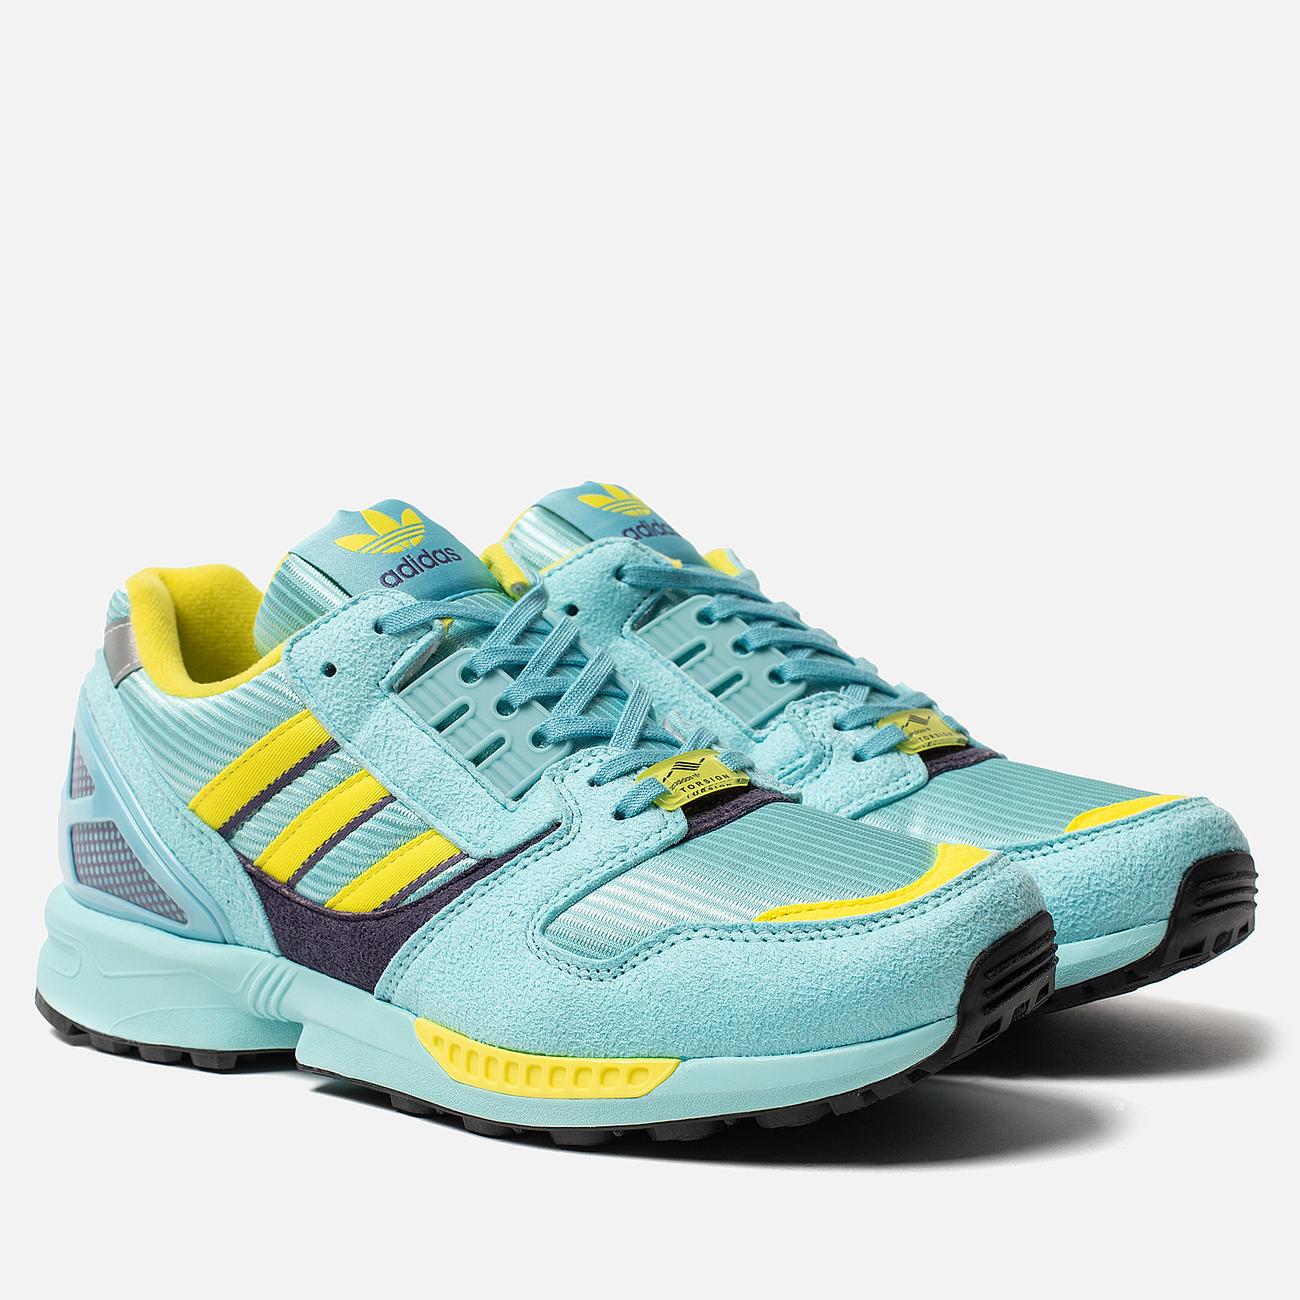 Мужские кроссовки adidas Originals ZX 8000 Clear Aqua/Light Aqua/Shock Yellow